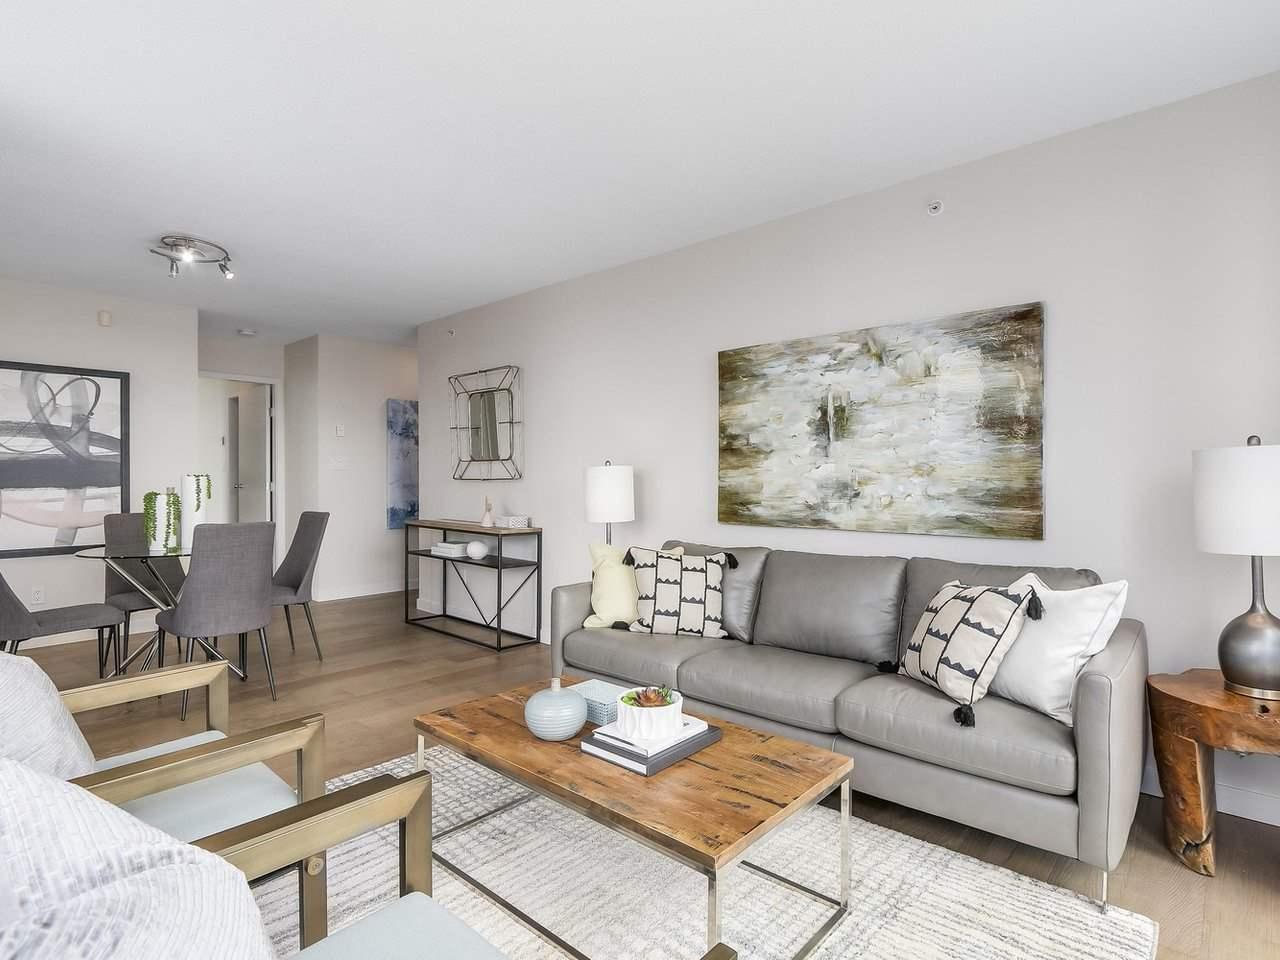 Condo Apartment at 1102 1408 STRATHMORE MEWS, Unit 1102, Vancouver West, British Columbia. Image 4